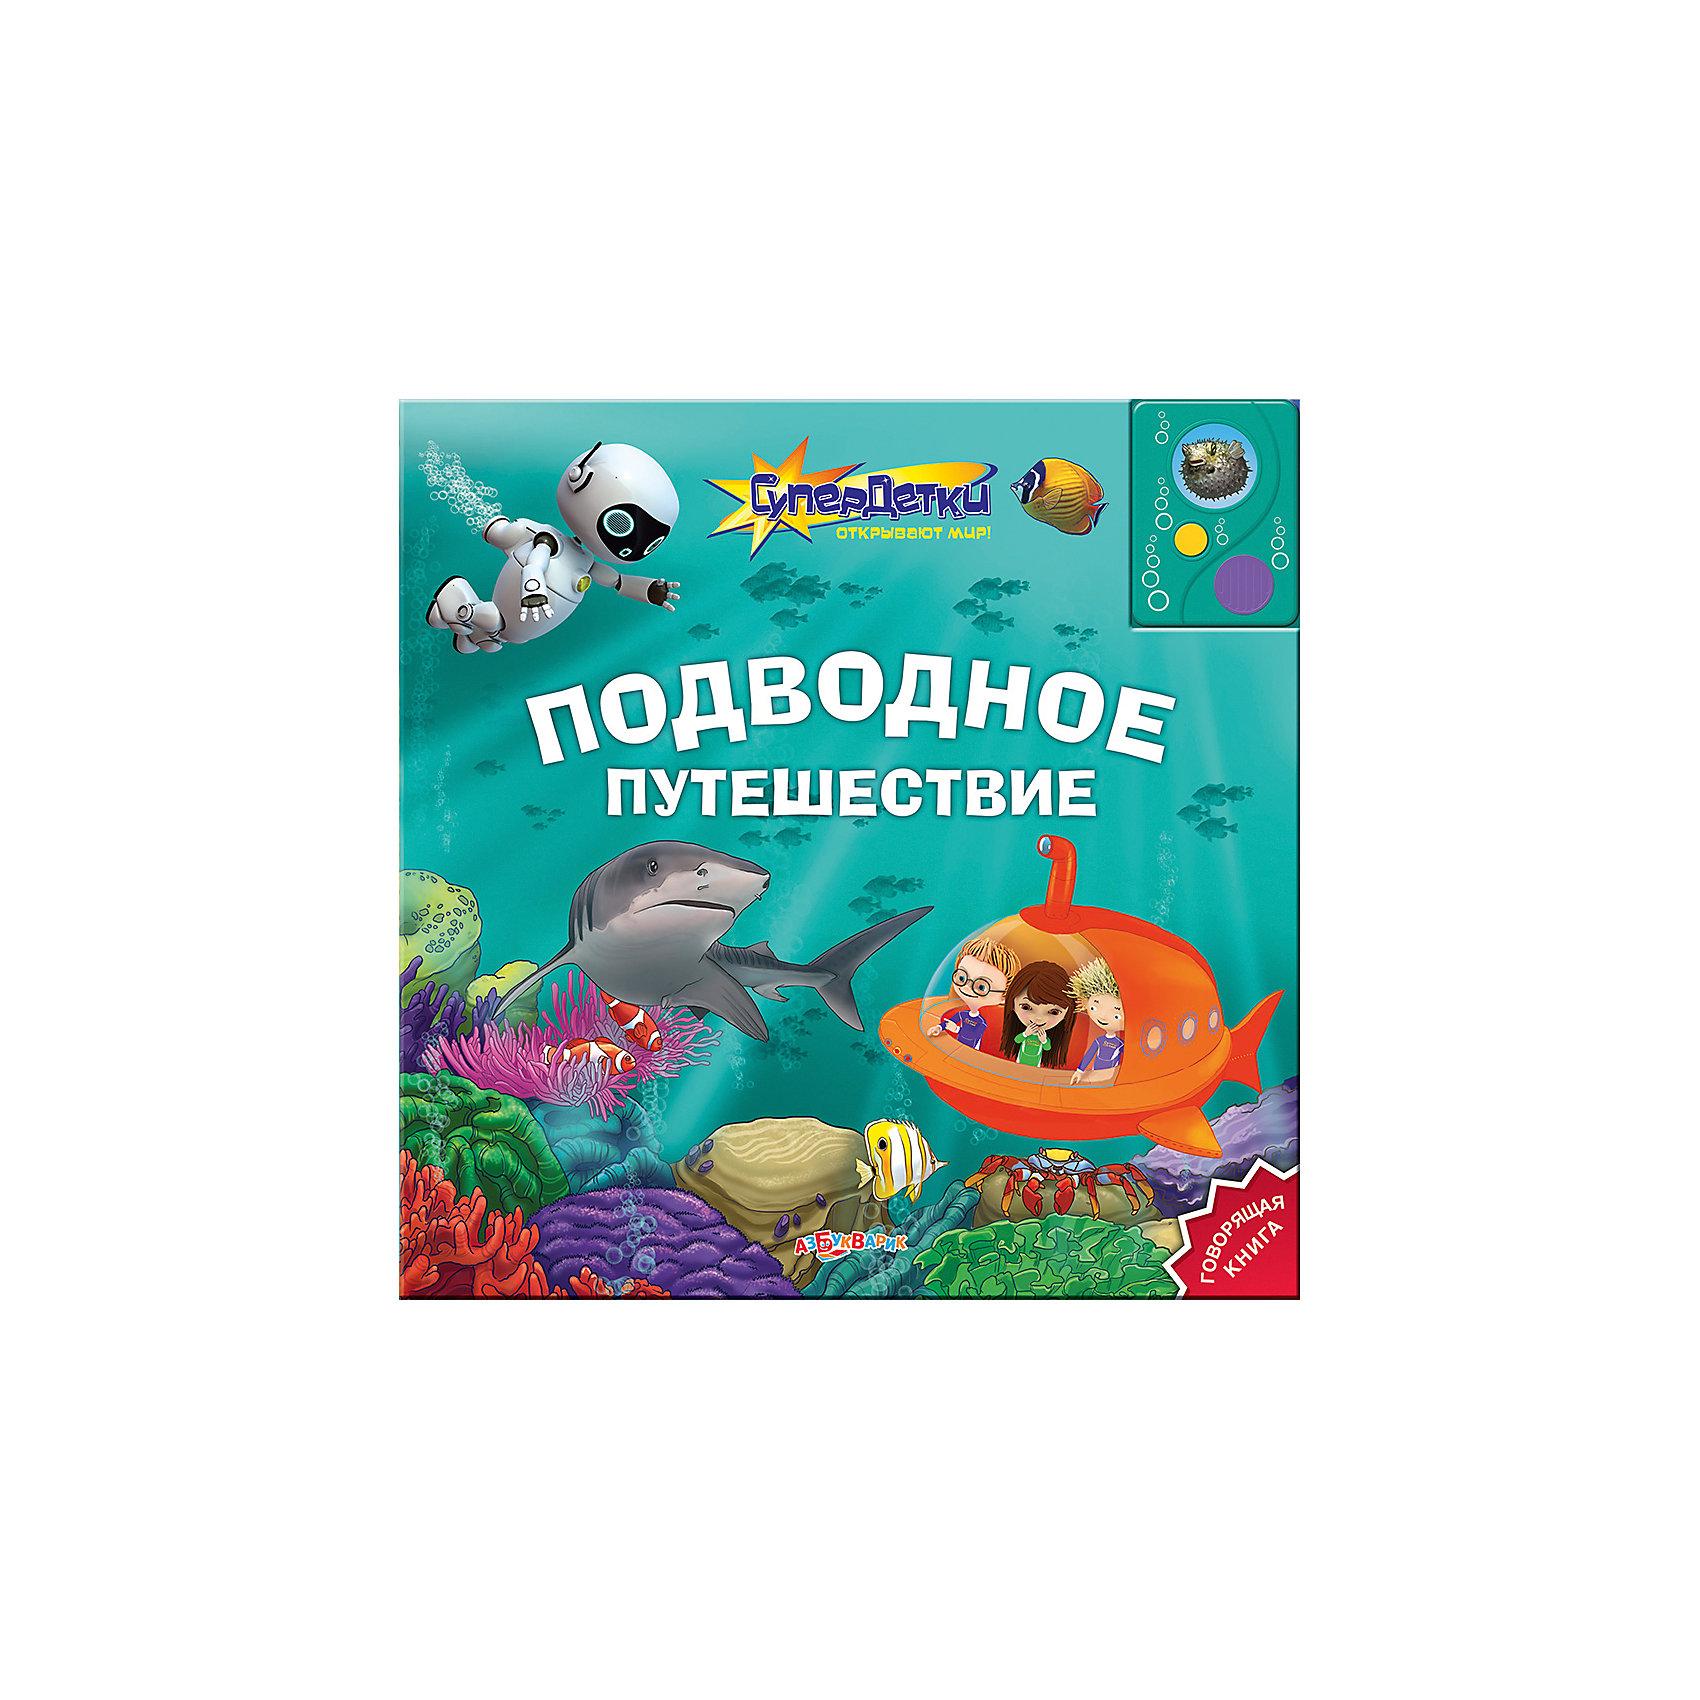 Подводное путешествиеОтправляйся в увлекательное путешествие вместе с супер-детками: непоседой Максом, всезнайкой Джуниором, умницей Лолой и роботом Докой. Открывай книгу - и слушай увлекательные истории о подводных приключениях. Узнай много интересного о медузах и коралловых рыбках, о дельфинах, акулах и настоящих монстрах глубин! Умная книжка читает сама, как только вы перелистнете страницу. <br><br>Дополнительная информация:<br> <br>- Переплет: картон.<br>- Формат: 21,6х21,6 см.<br>- Количество страниц: 12.<br>- Иллюстрации: цветные. <br>- Элемент питания: батарейки  AG13/LR44 (в комплекте).<br><br>Книгу Подводное путешествие можно купить в нашем магазине.<br><br>Ширина мм: 260<br>Глубина мм: 150<br>Высота мм: 20<br>Вес г: 607<br>Возраст от месяцев: 24<br>Возраст до месяцев: 60<br>Пол: Унисекс<br>Возраст: Детский<br>SKU: 4603692